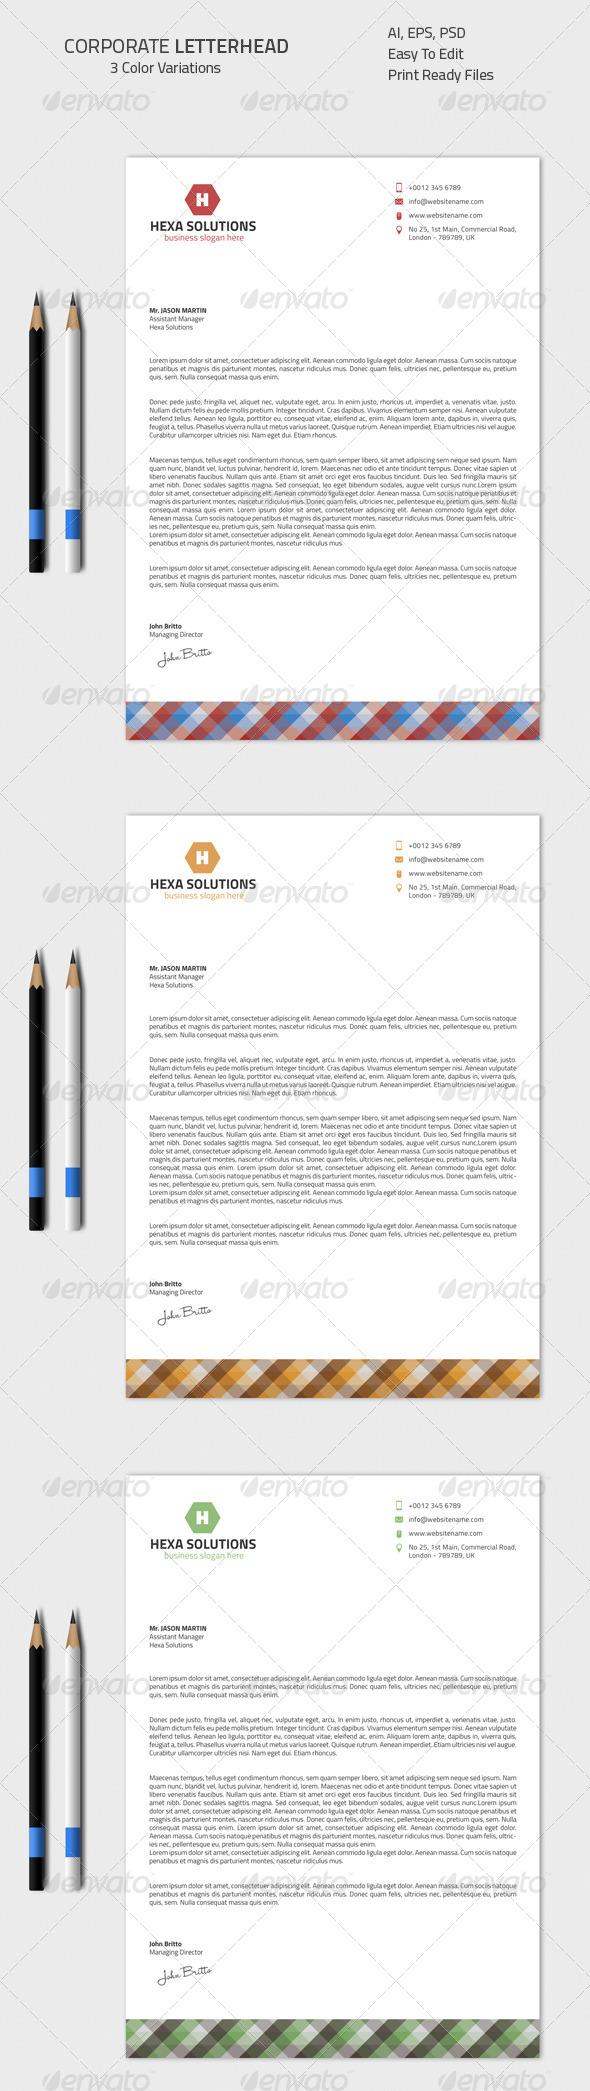 GraphicRiver Corporate Letterhead 04 8560636